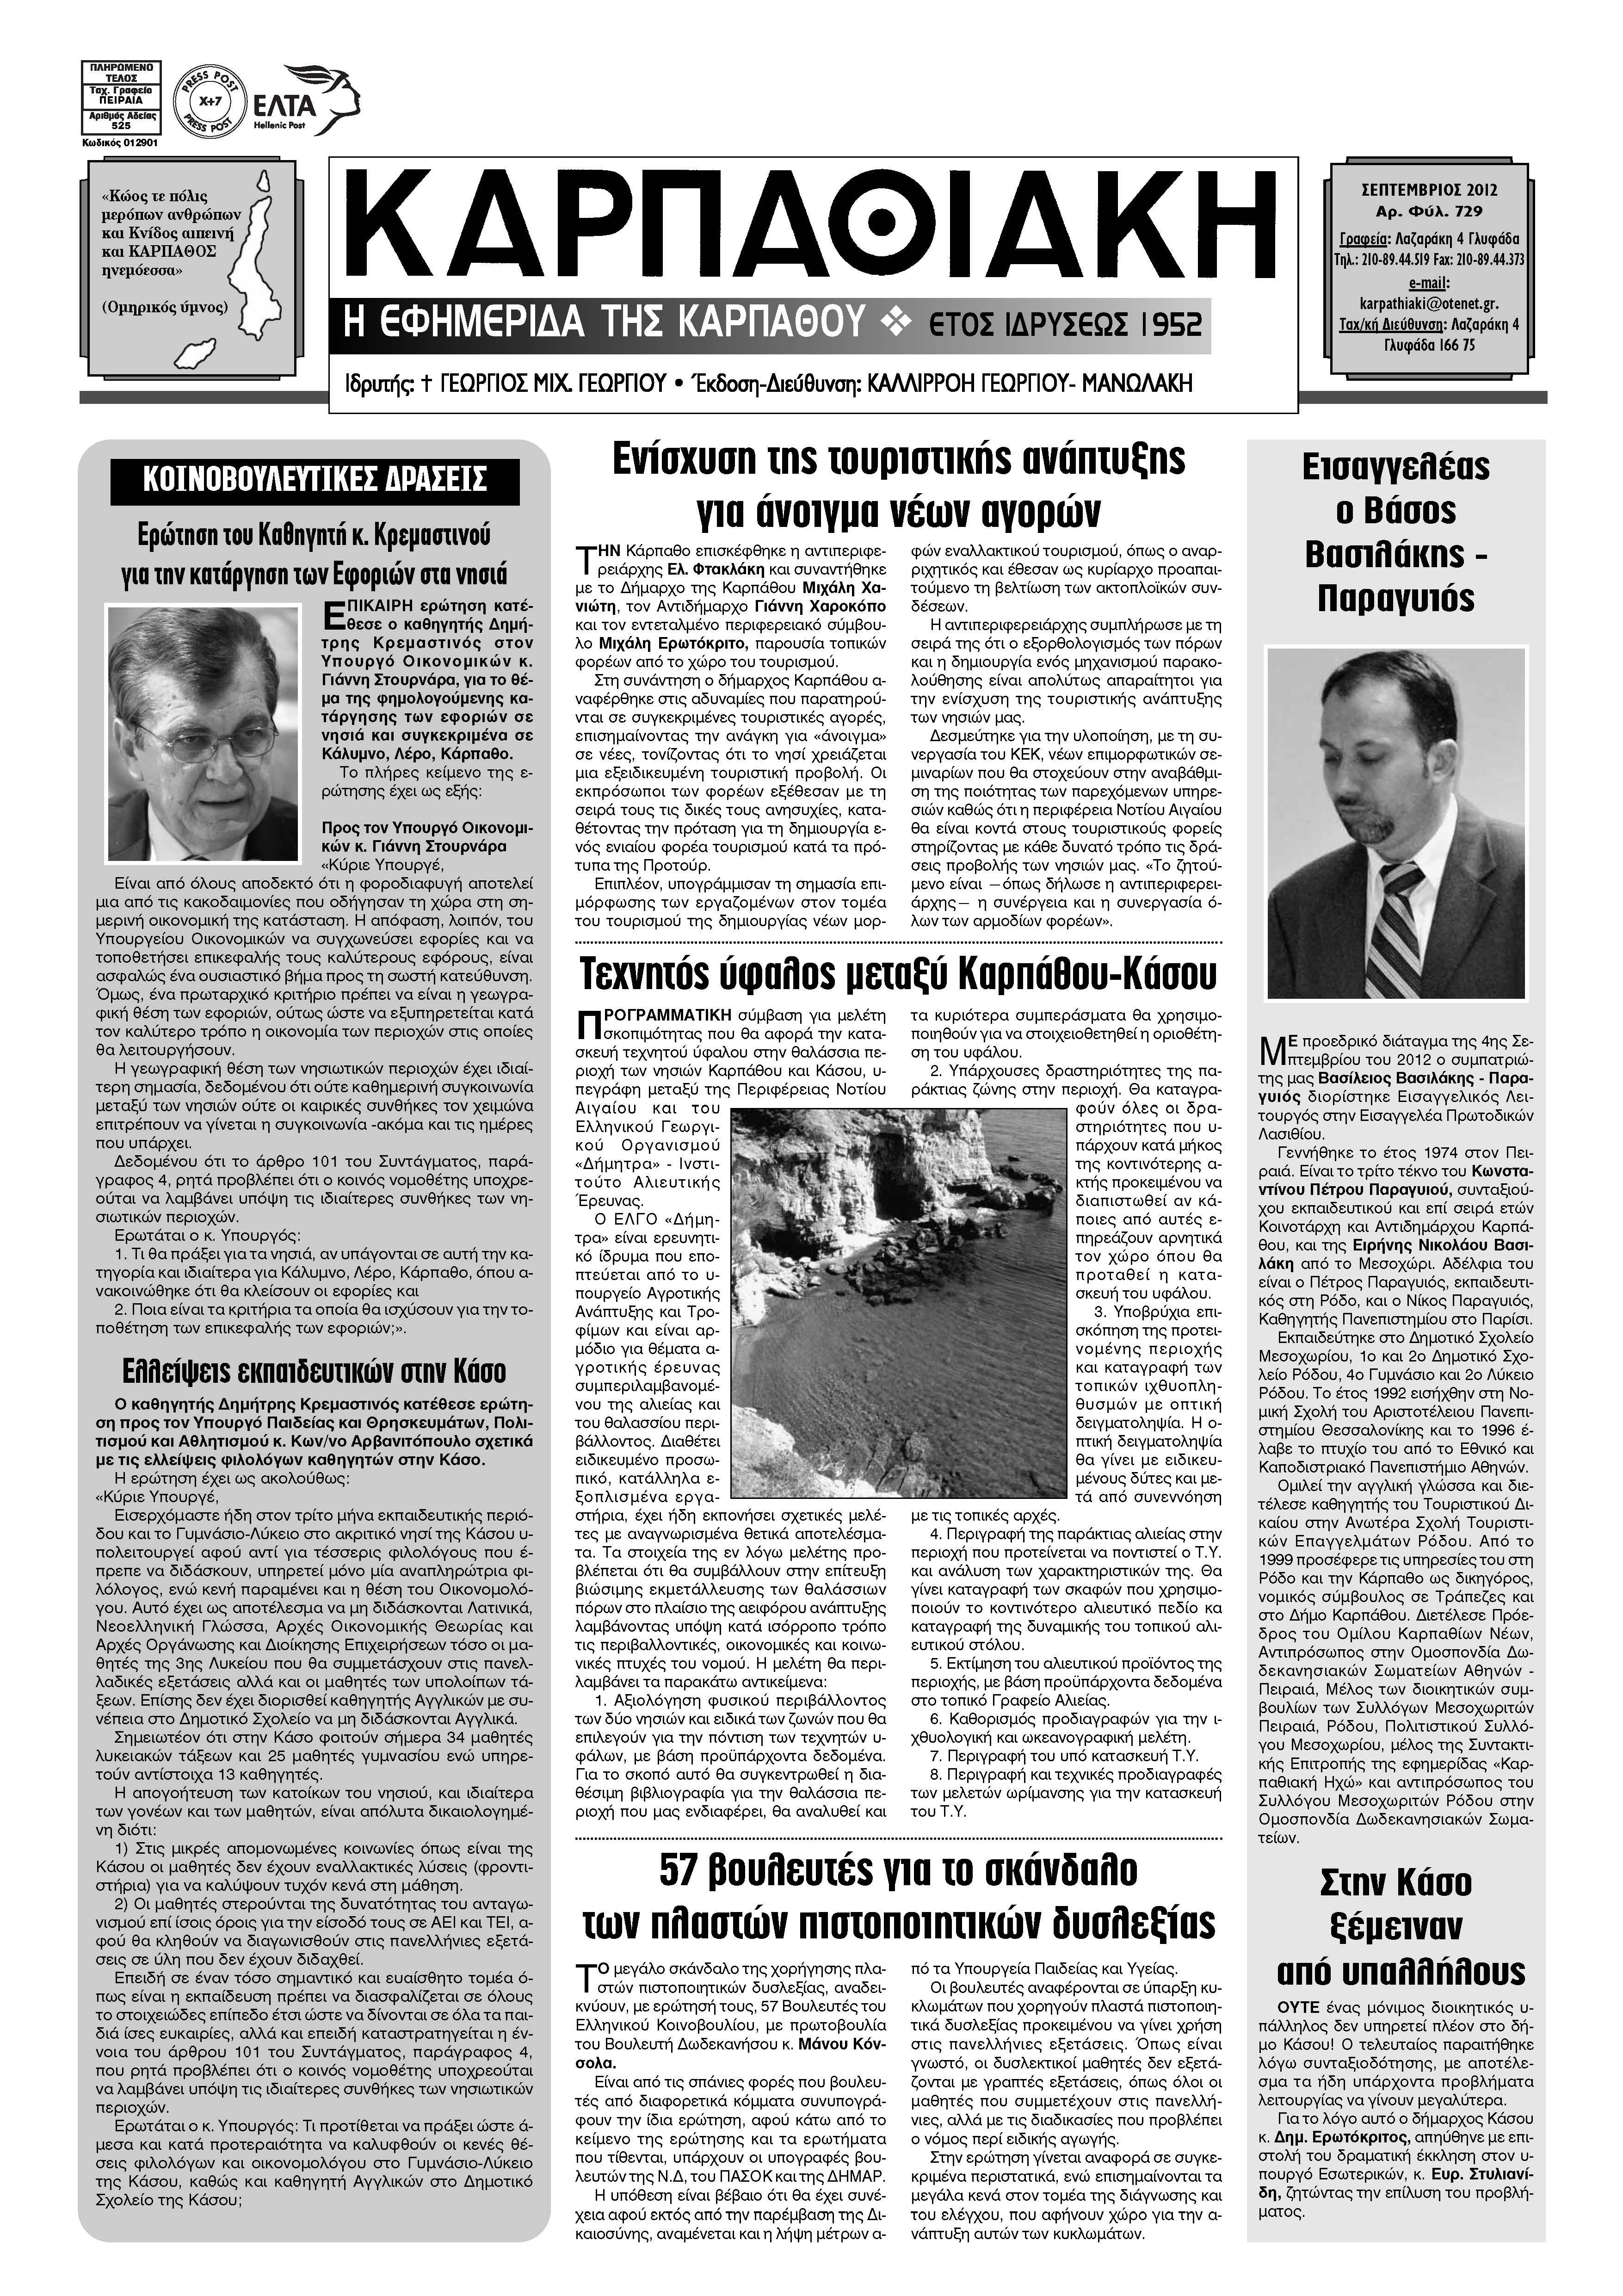 karpathiaki_729_Page_1